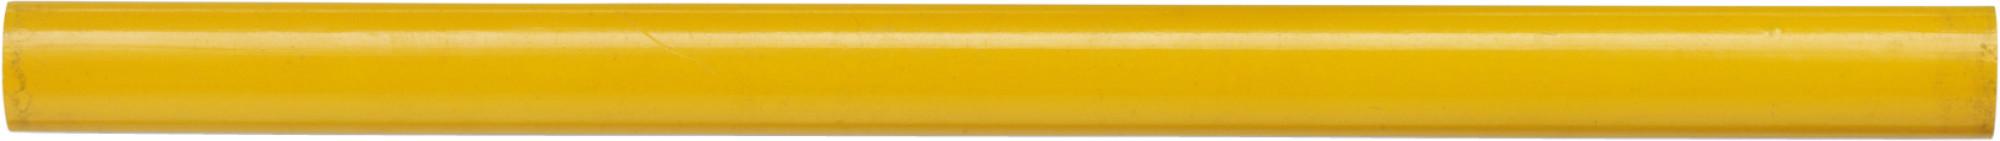 Keltainen timpurin kynä